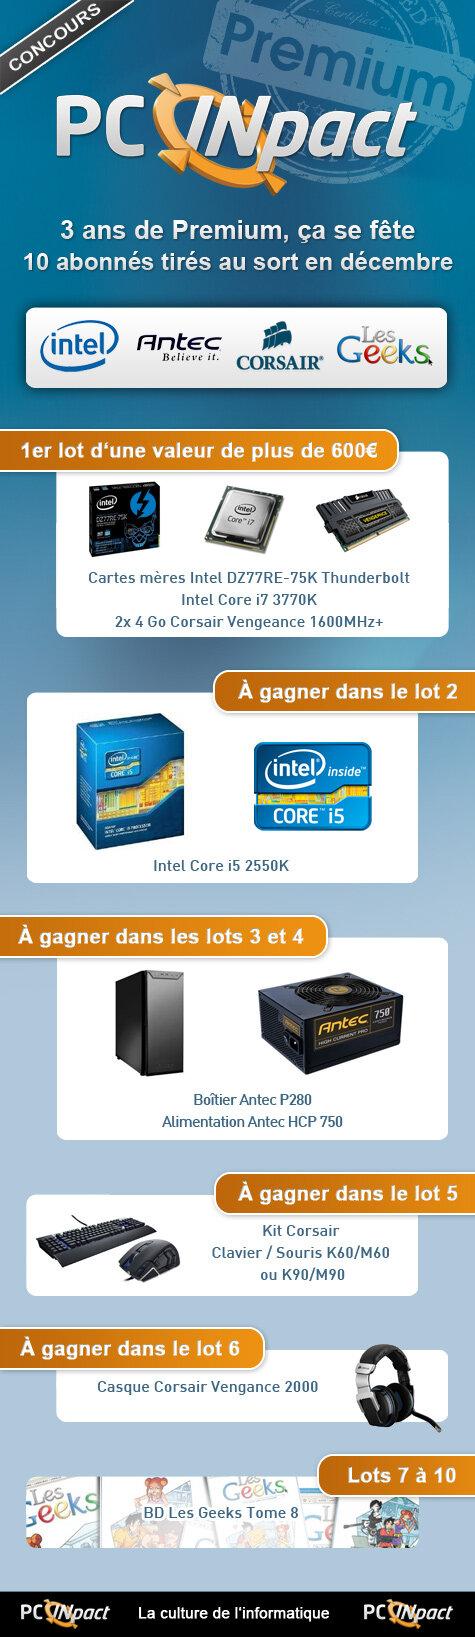 Concours Novembre 2012 Premium